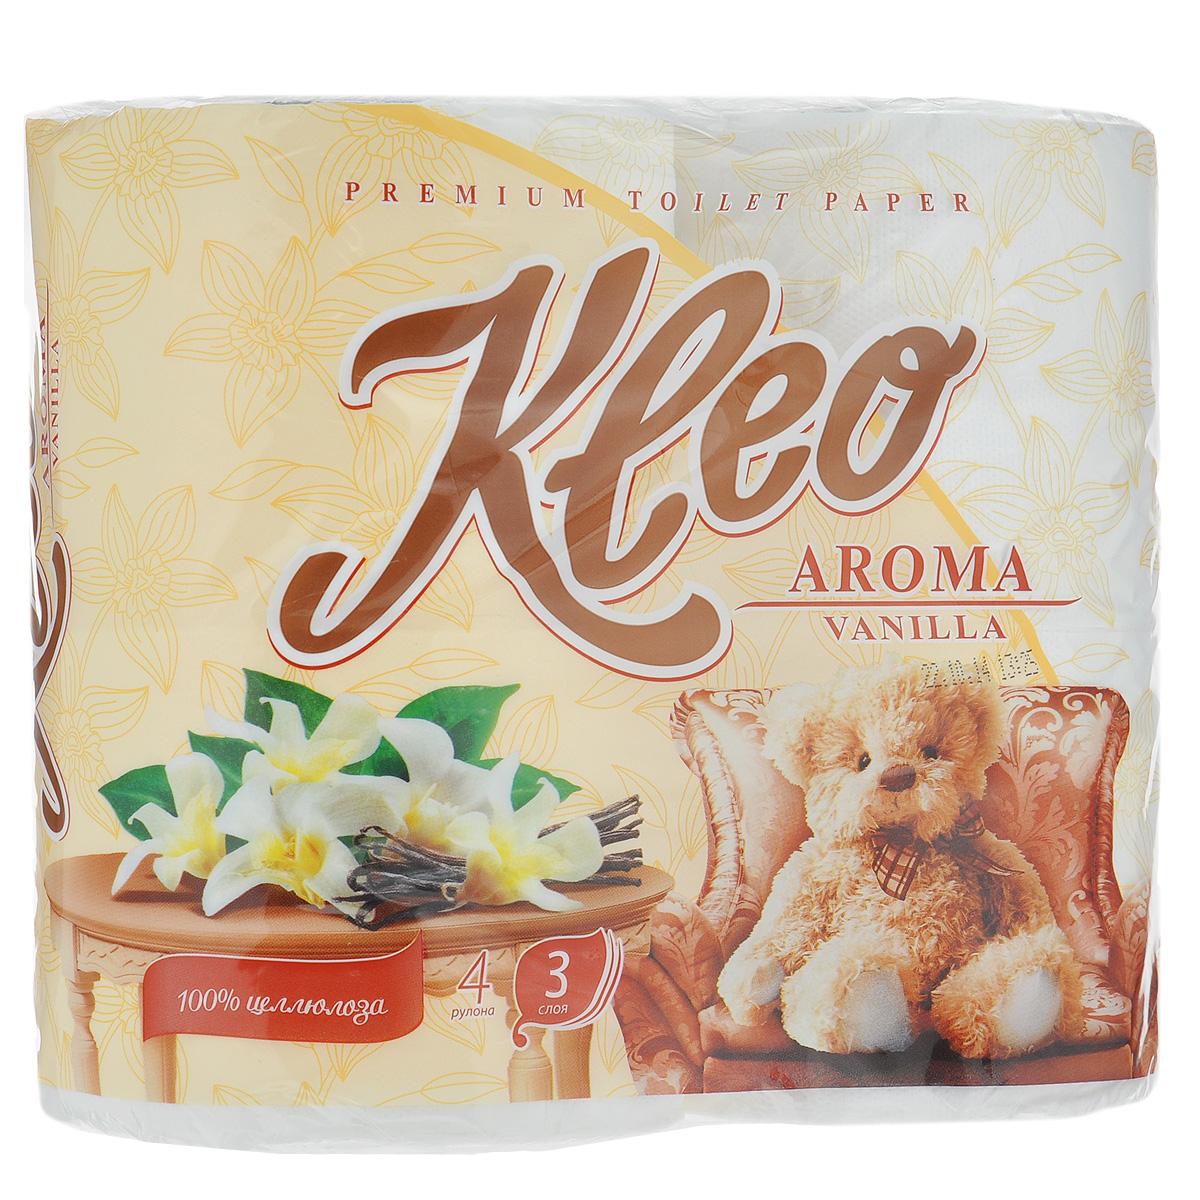 Туалетная бумага Kleo Aroma. Vanilla, трехслойная, цвет: белый, 4 рулонаC87Туалетная бумага Kleo Aroma. Vanilla, выполненная из натуральной целлюлозы, обеспечивает превосходный комфорт и ощущение чистоты и свежести. Имеет нежный аромат ванили. Необыкновенно мягкая, но в тоже время прочная, бумага не расслаивается и отрывается строго по линии перфорации. Трехслойные листы имеют рисунок с перфорацией. Количество листов: 168 шт. Количество слоев: 3. Размер листа: 12,5 см х 9,6 см. Состав: 100% целлюлоза, ароматизатор.